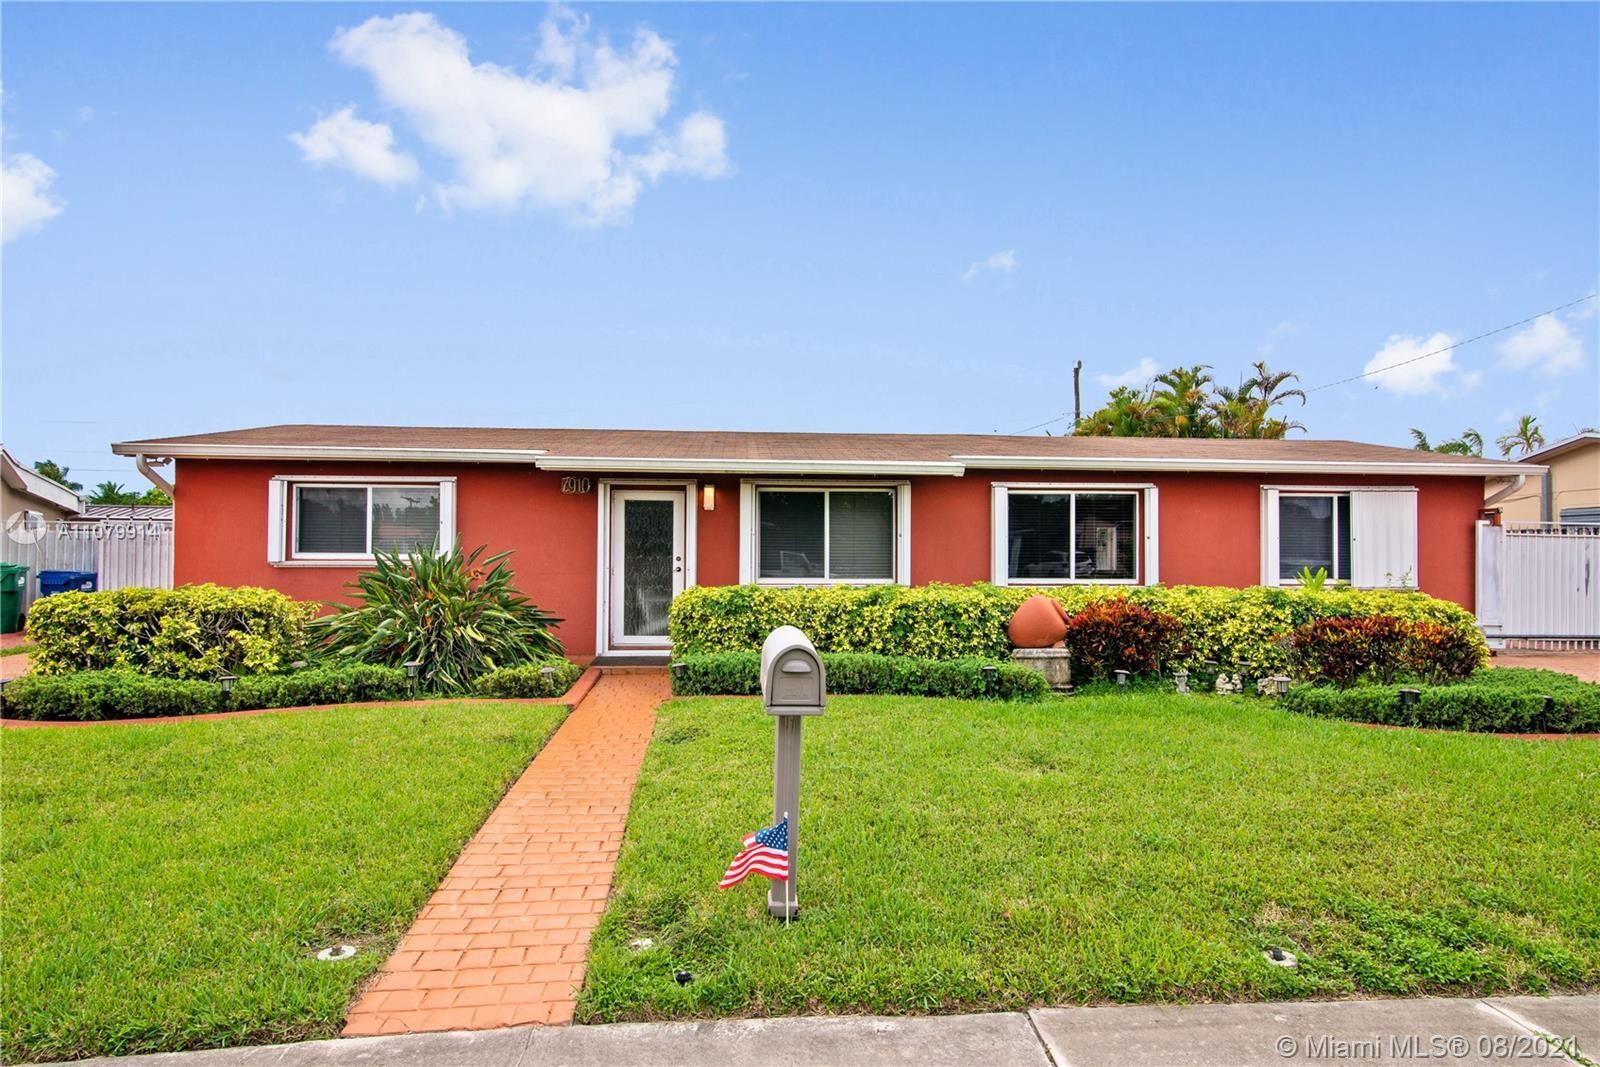 7910 NW 179th St, Hialeah, FL 33015 - #: A11079914